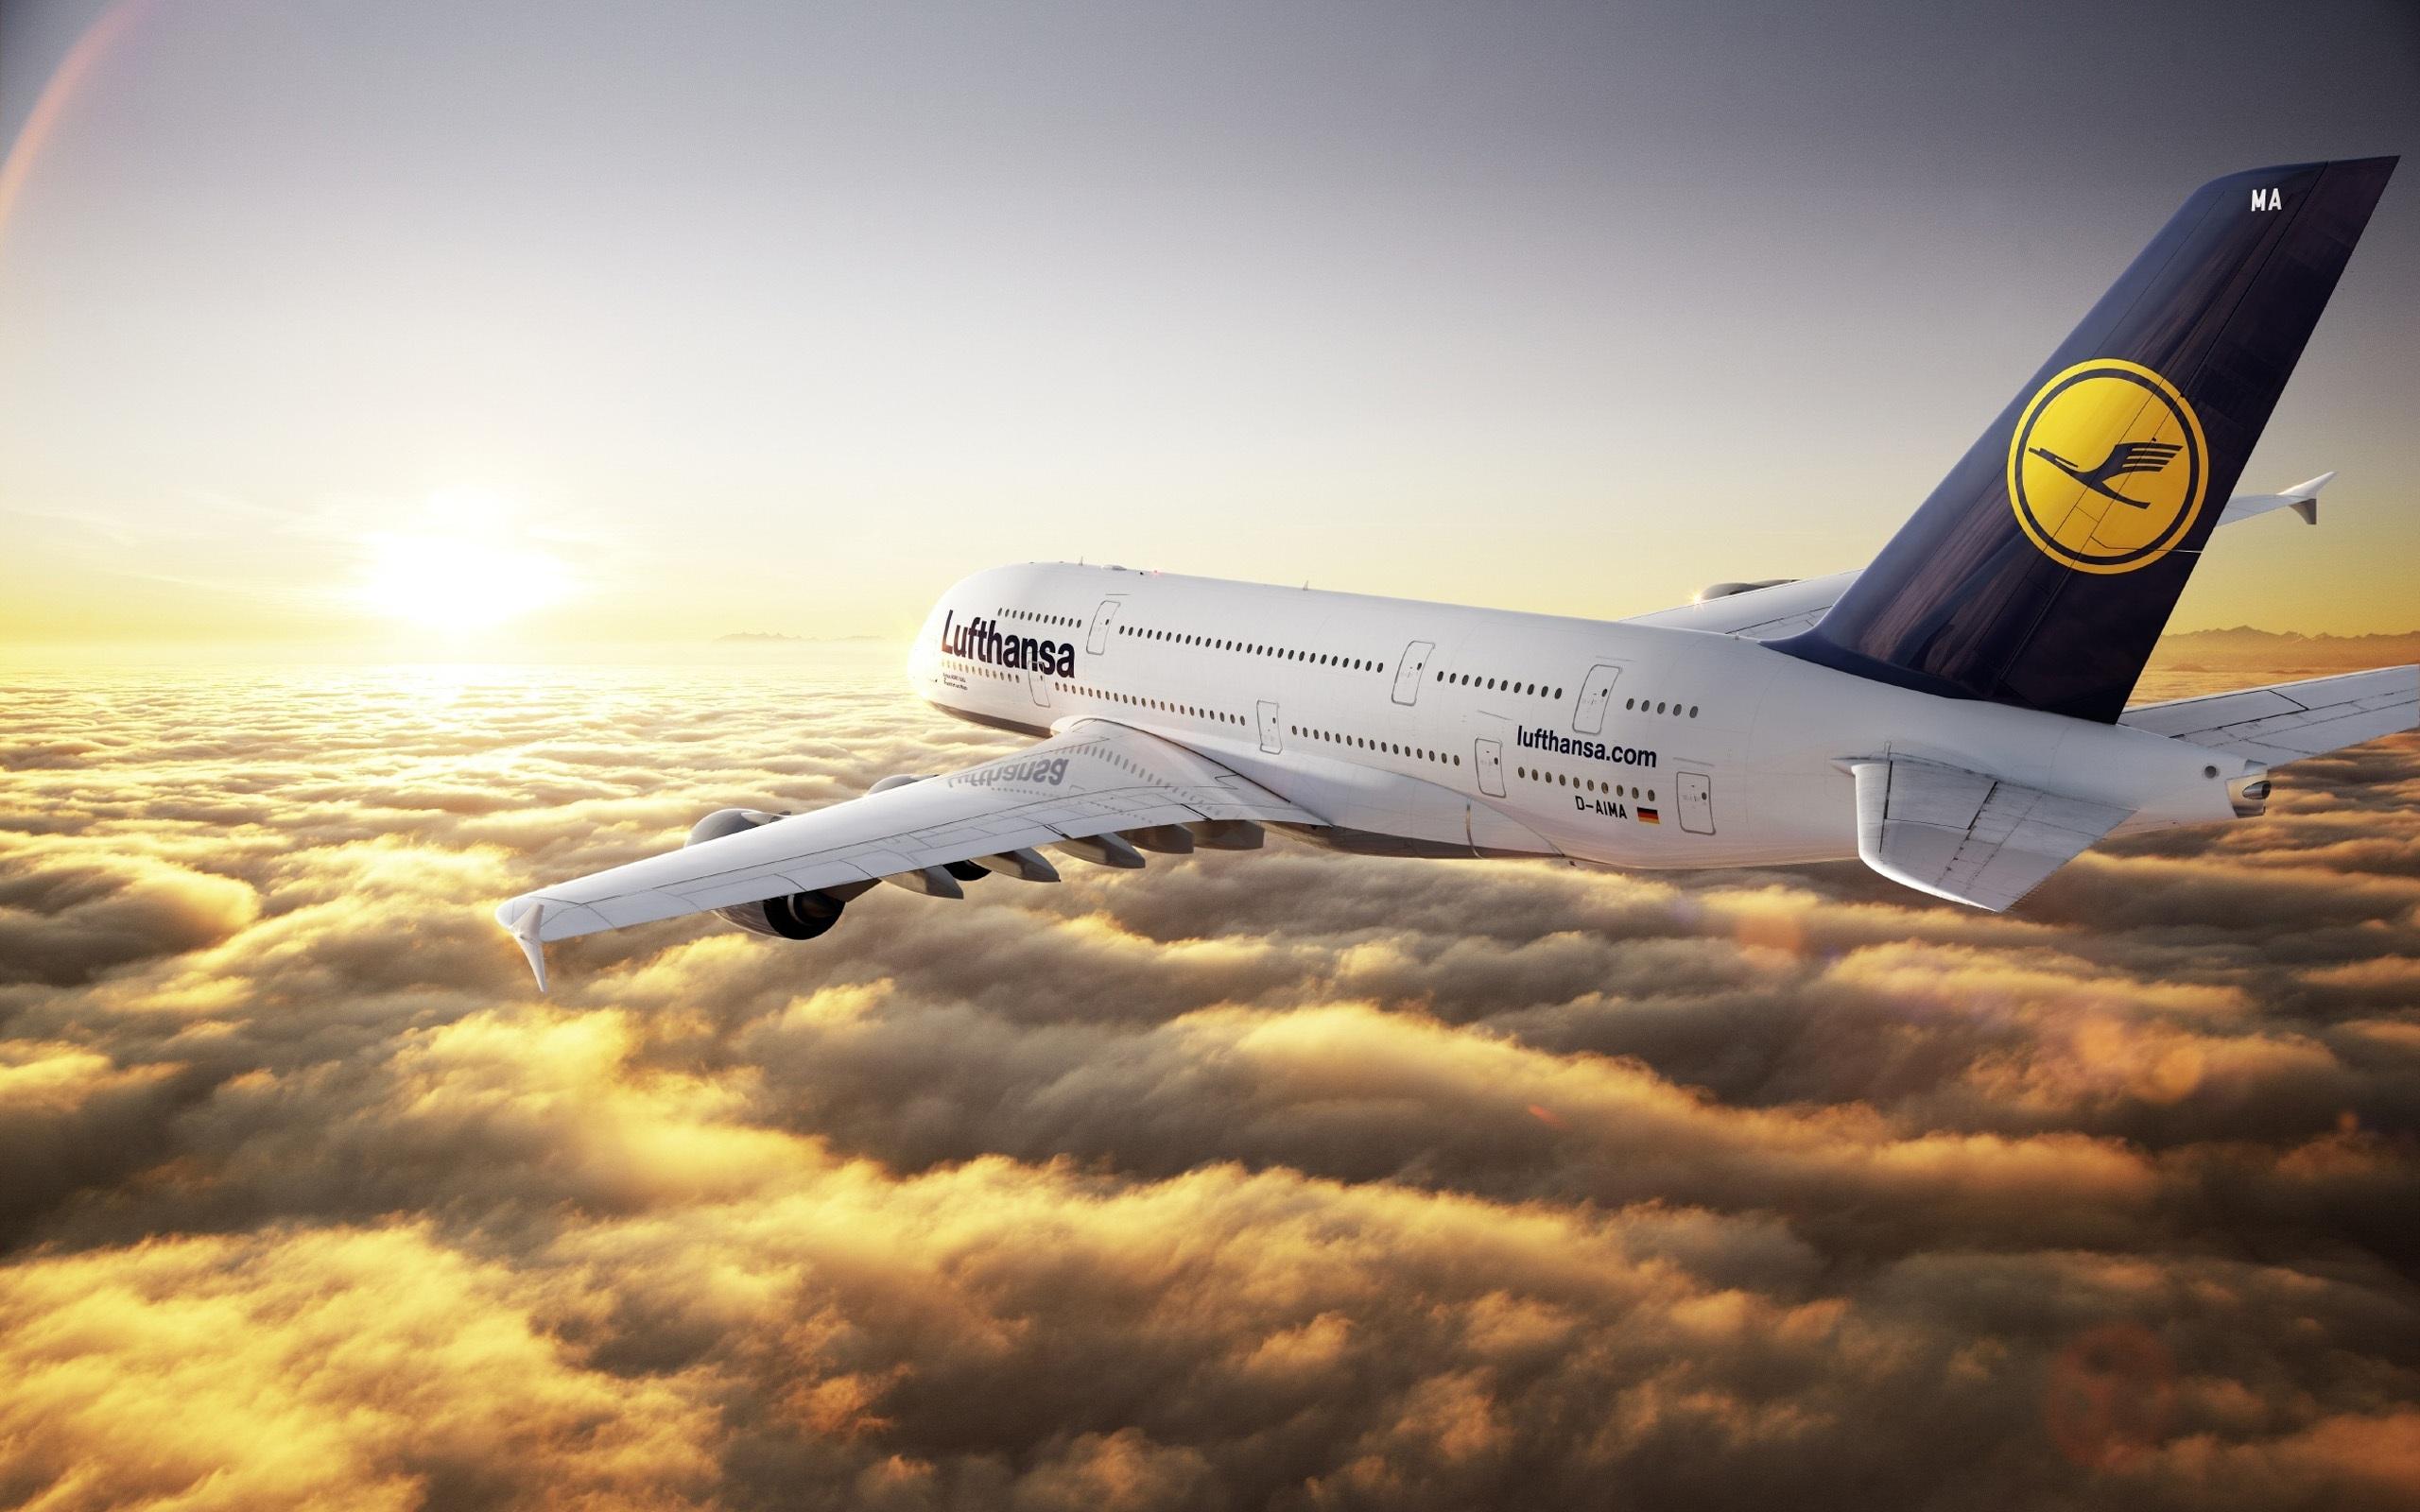 Airbus A380-Flug Wolken Hintergrundbilder - 2560x1600